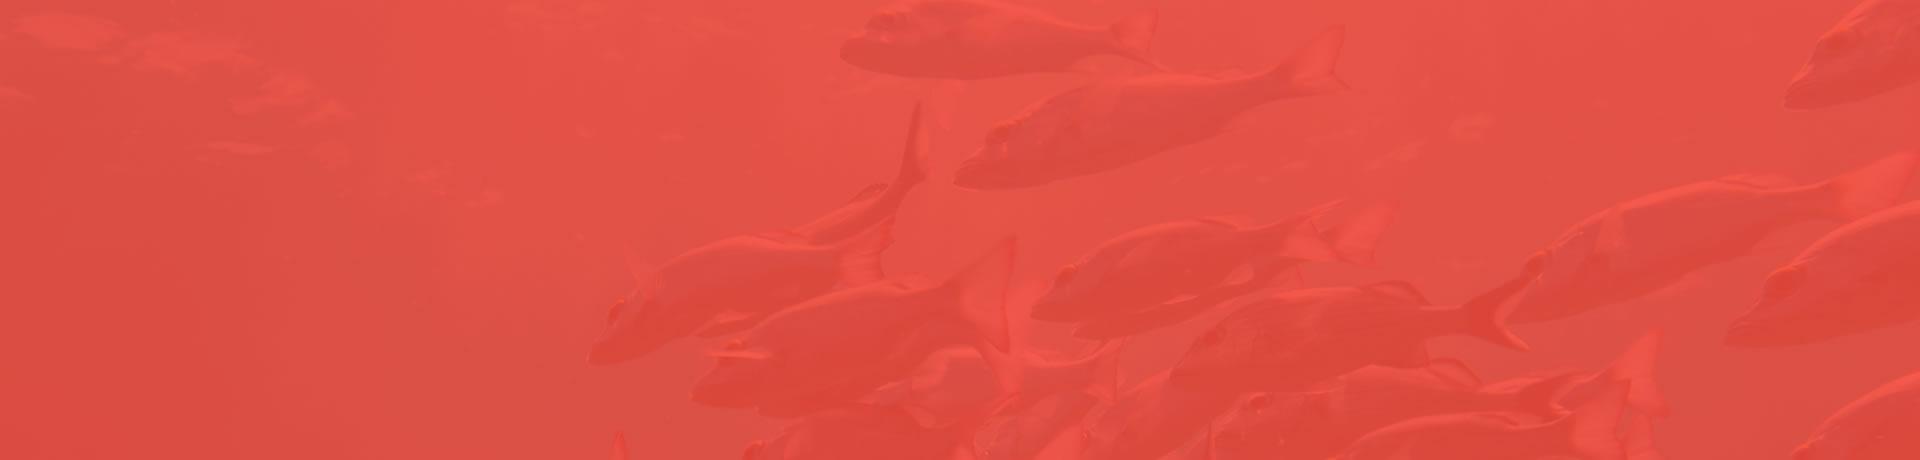 Alimentos Compostos para Aquacultura